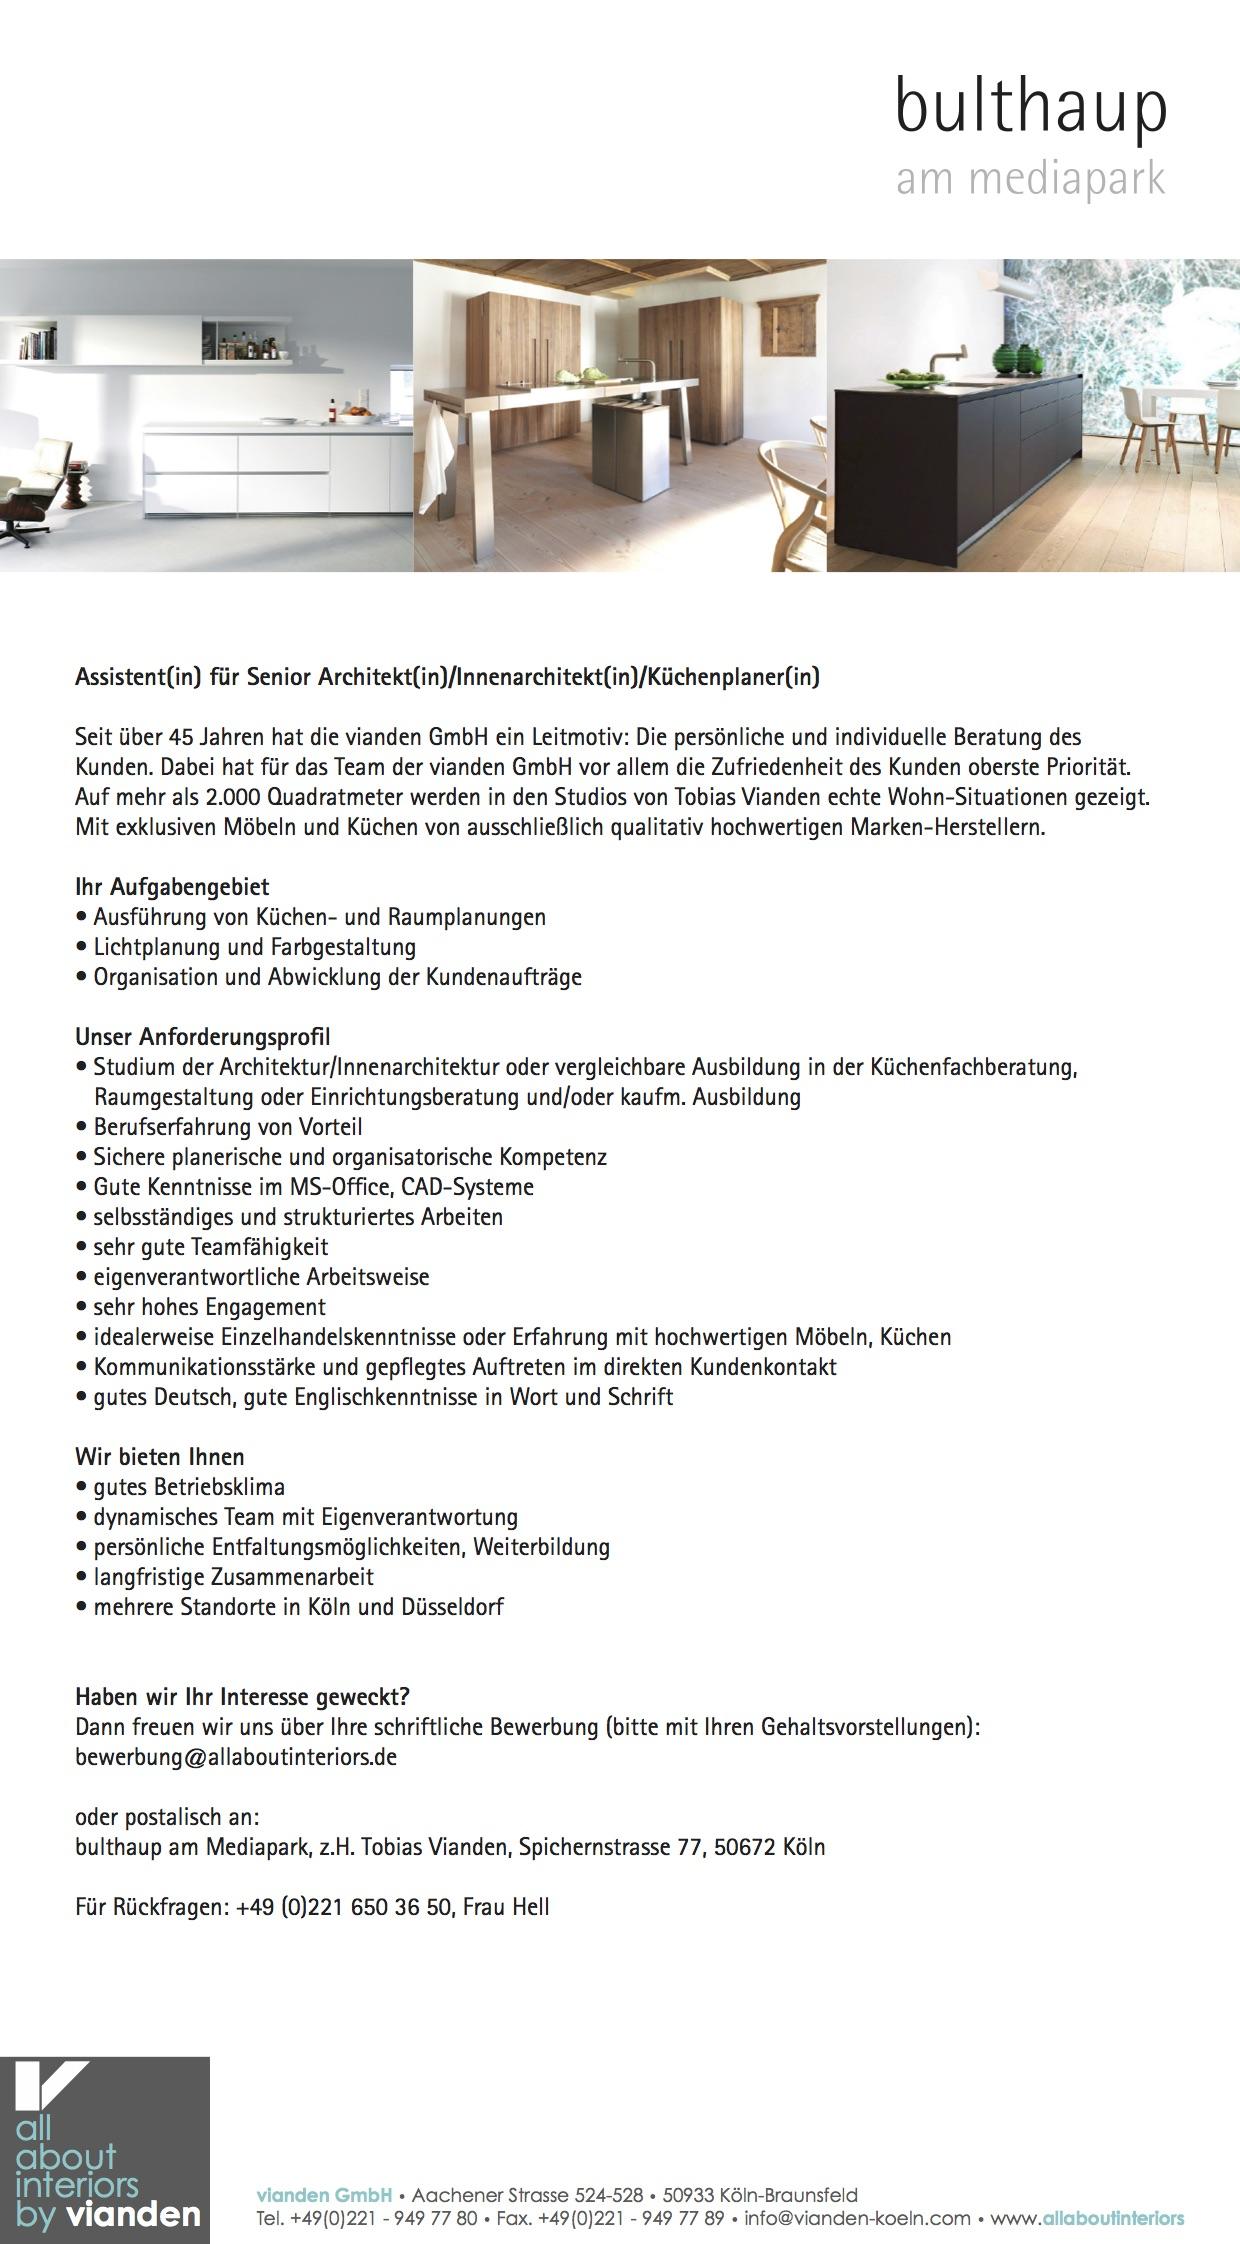 Assistentin für Senior Architektin/Innenarchitektin ...